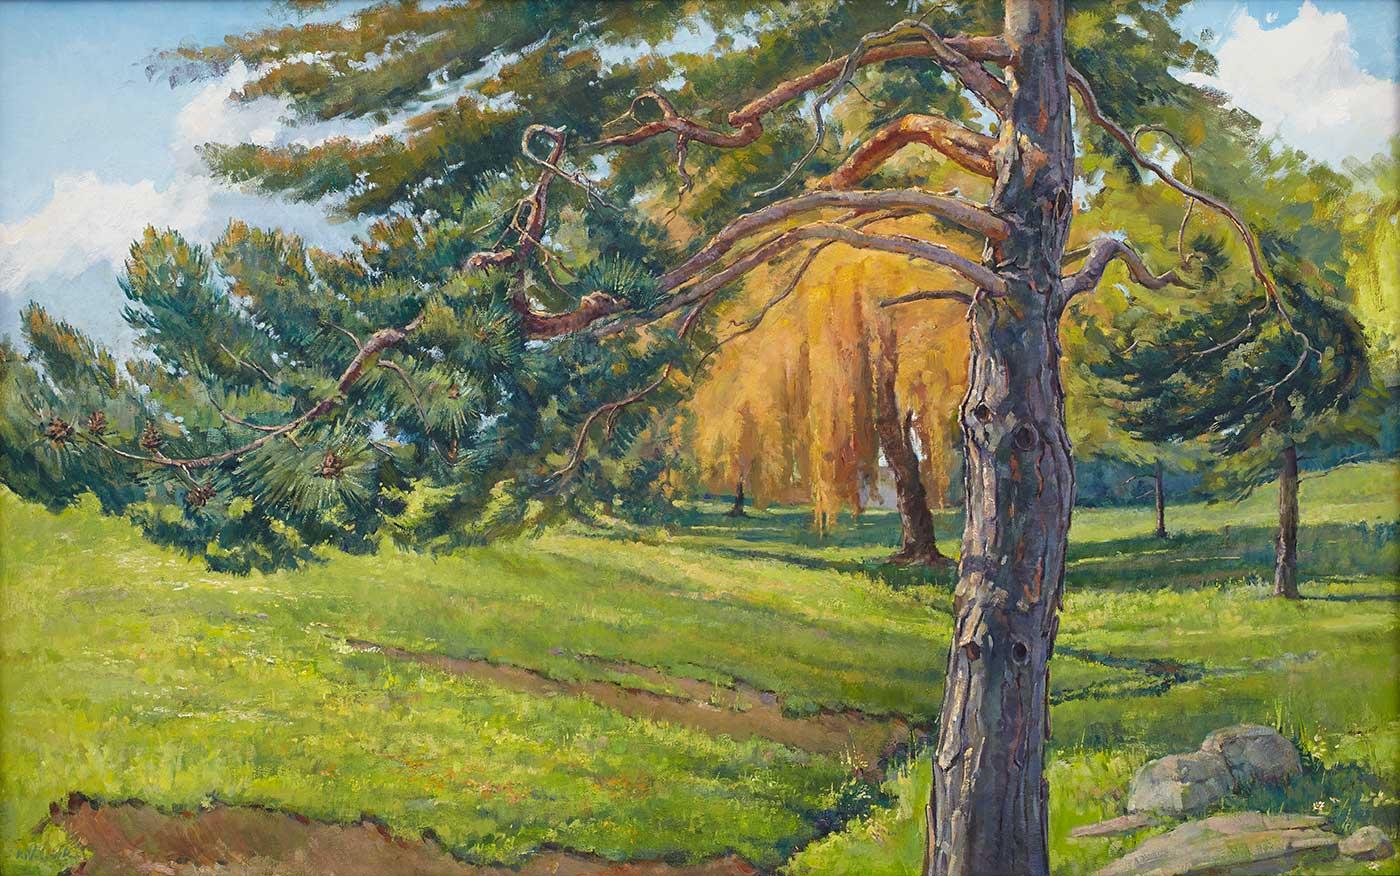 Kyryl Volovik - Moving Pine Tree